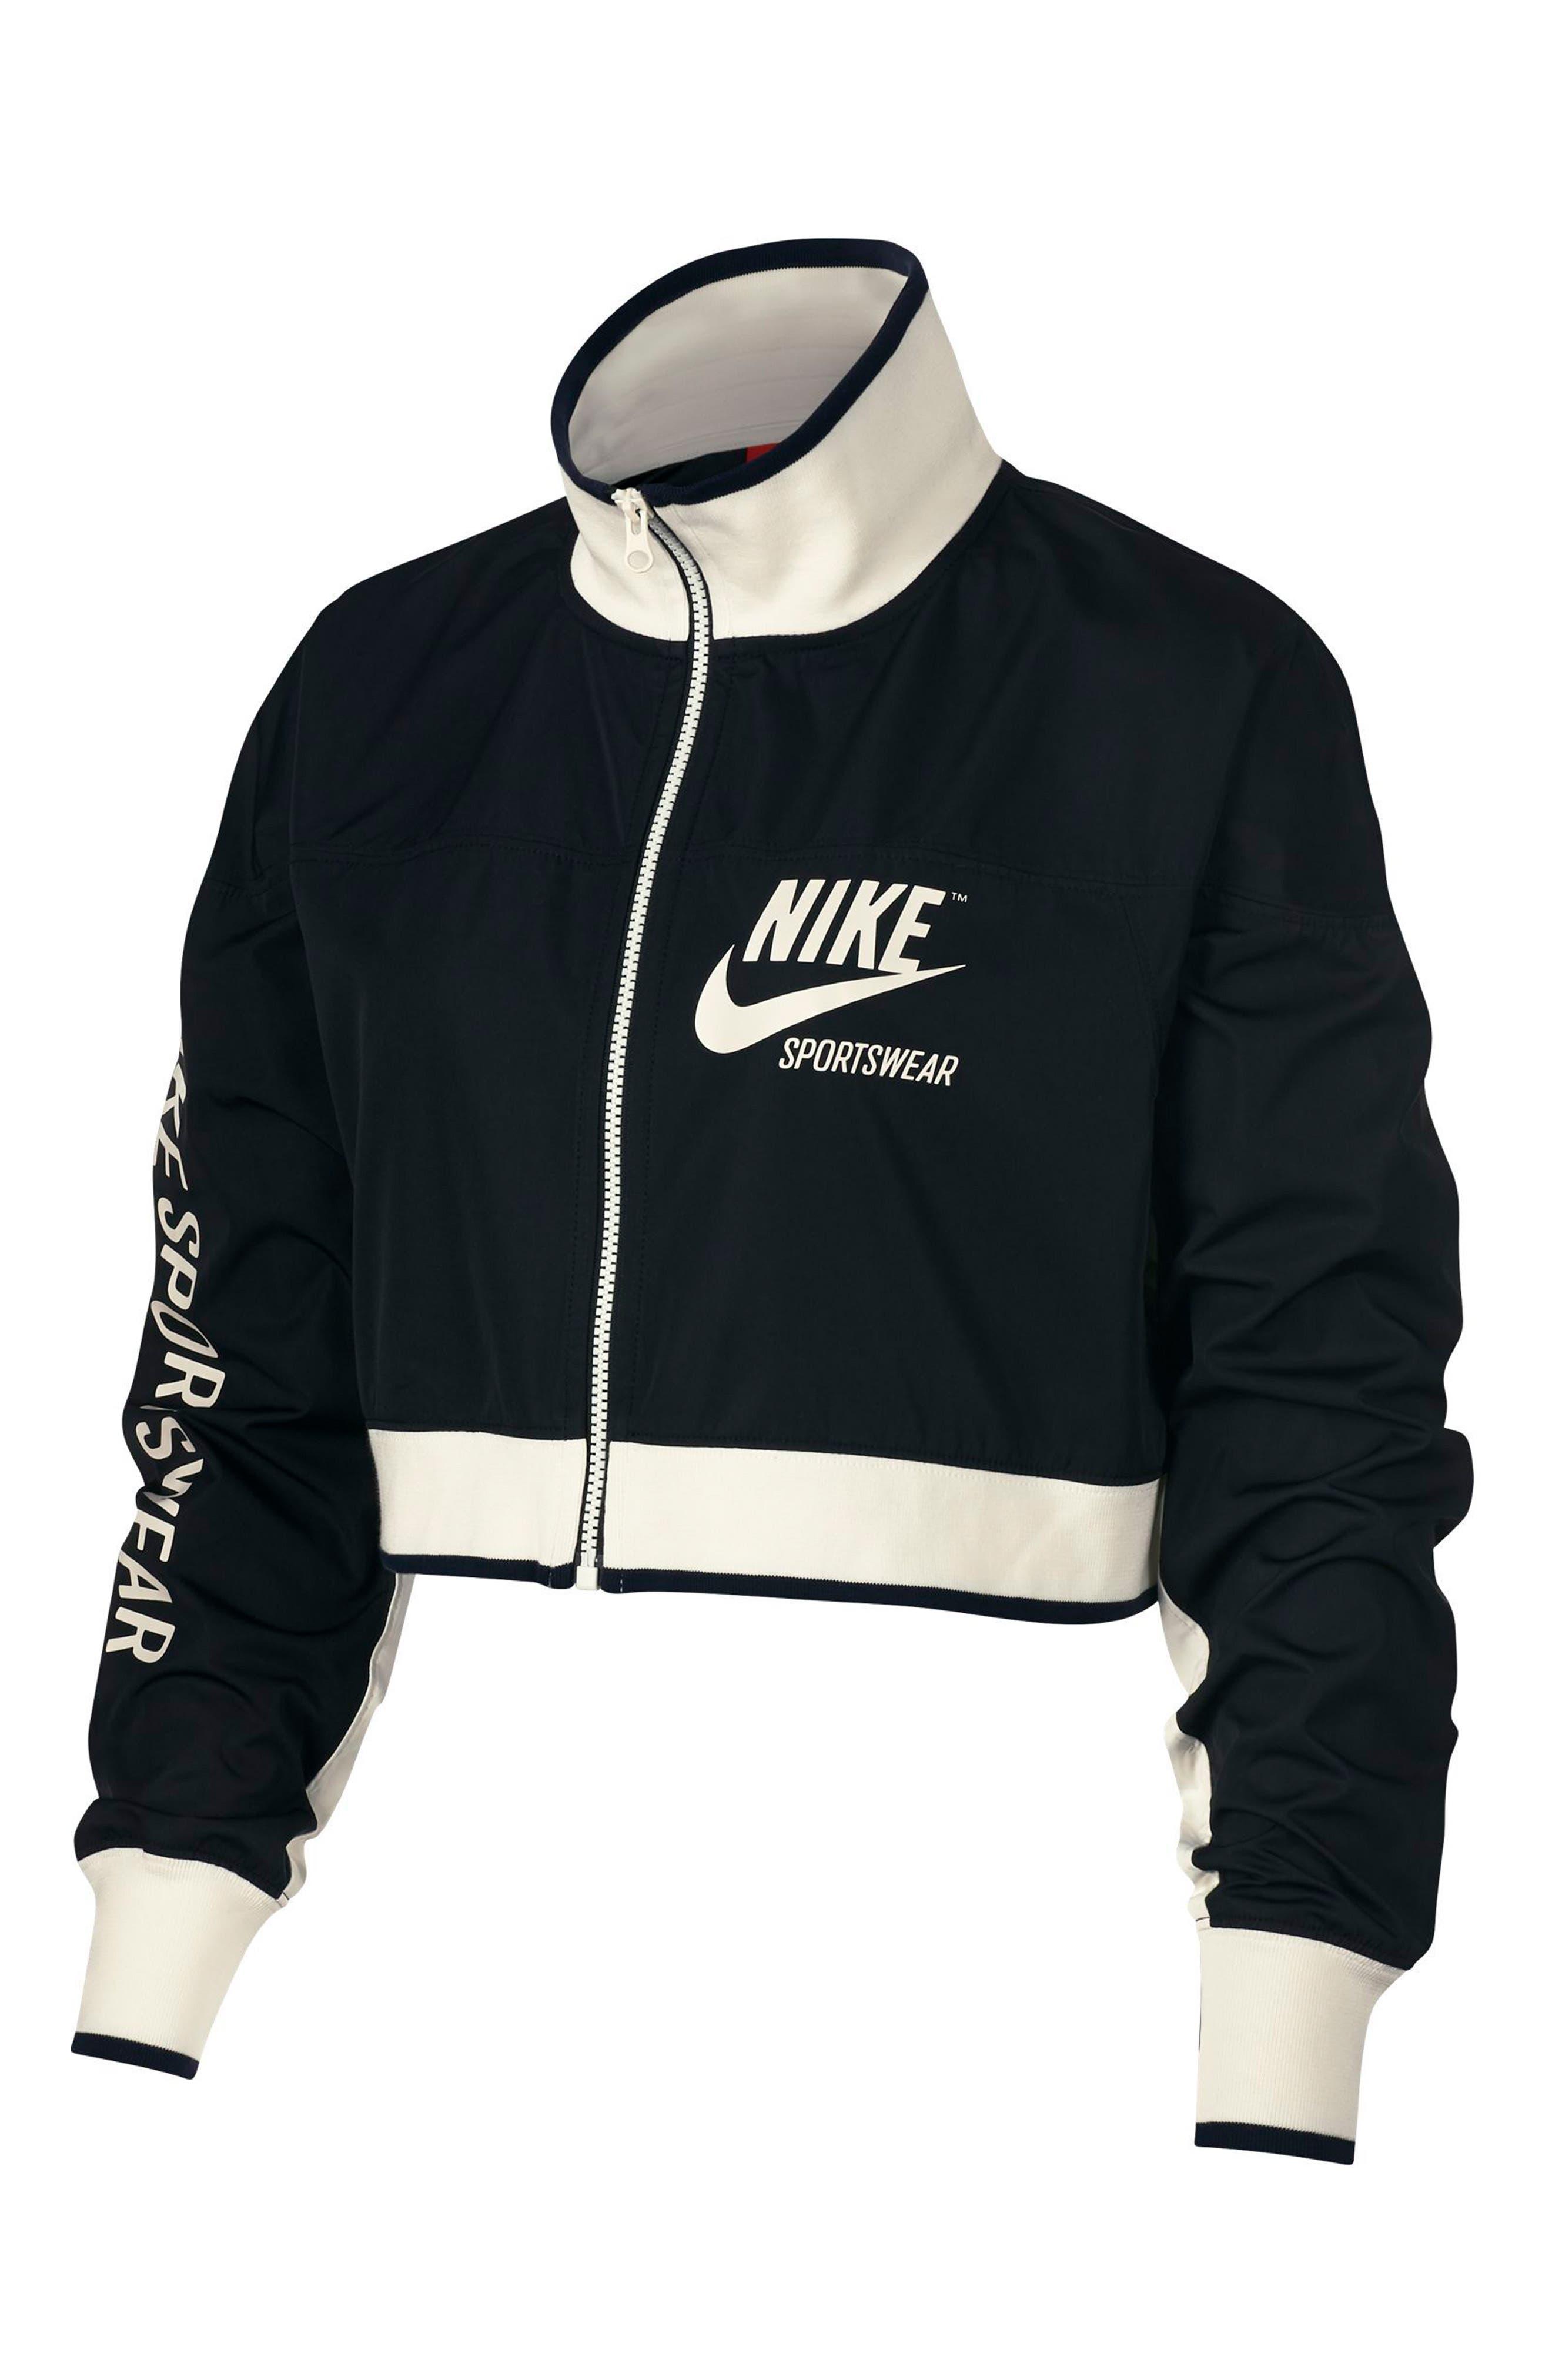 Main Image - Nike Sportswear Archive Women's Track Jacket